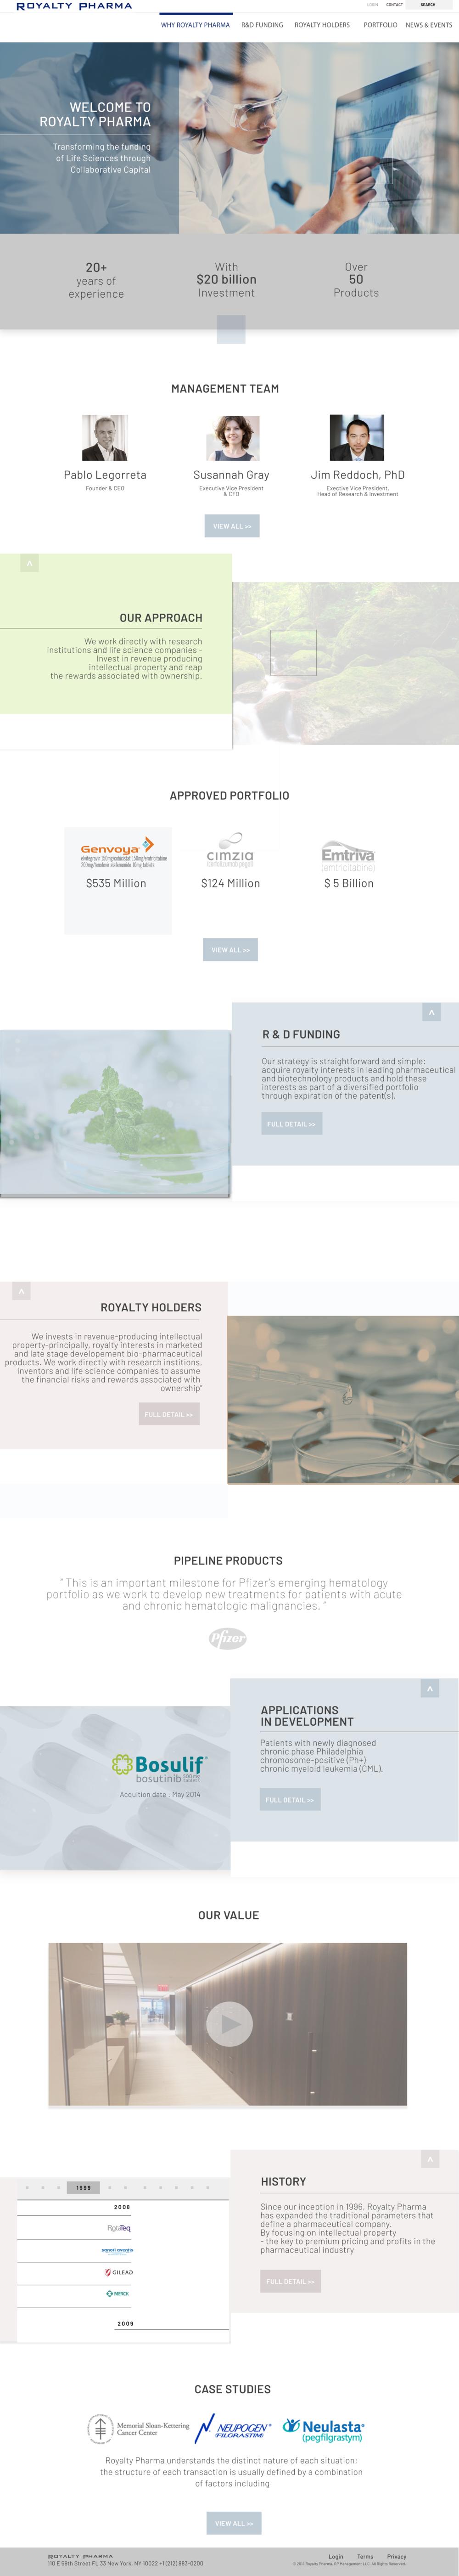 RP_homepage_ver2_nov22.png